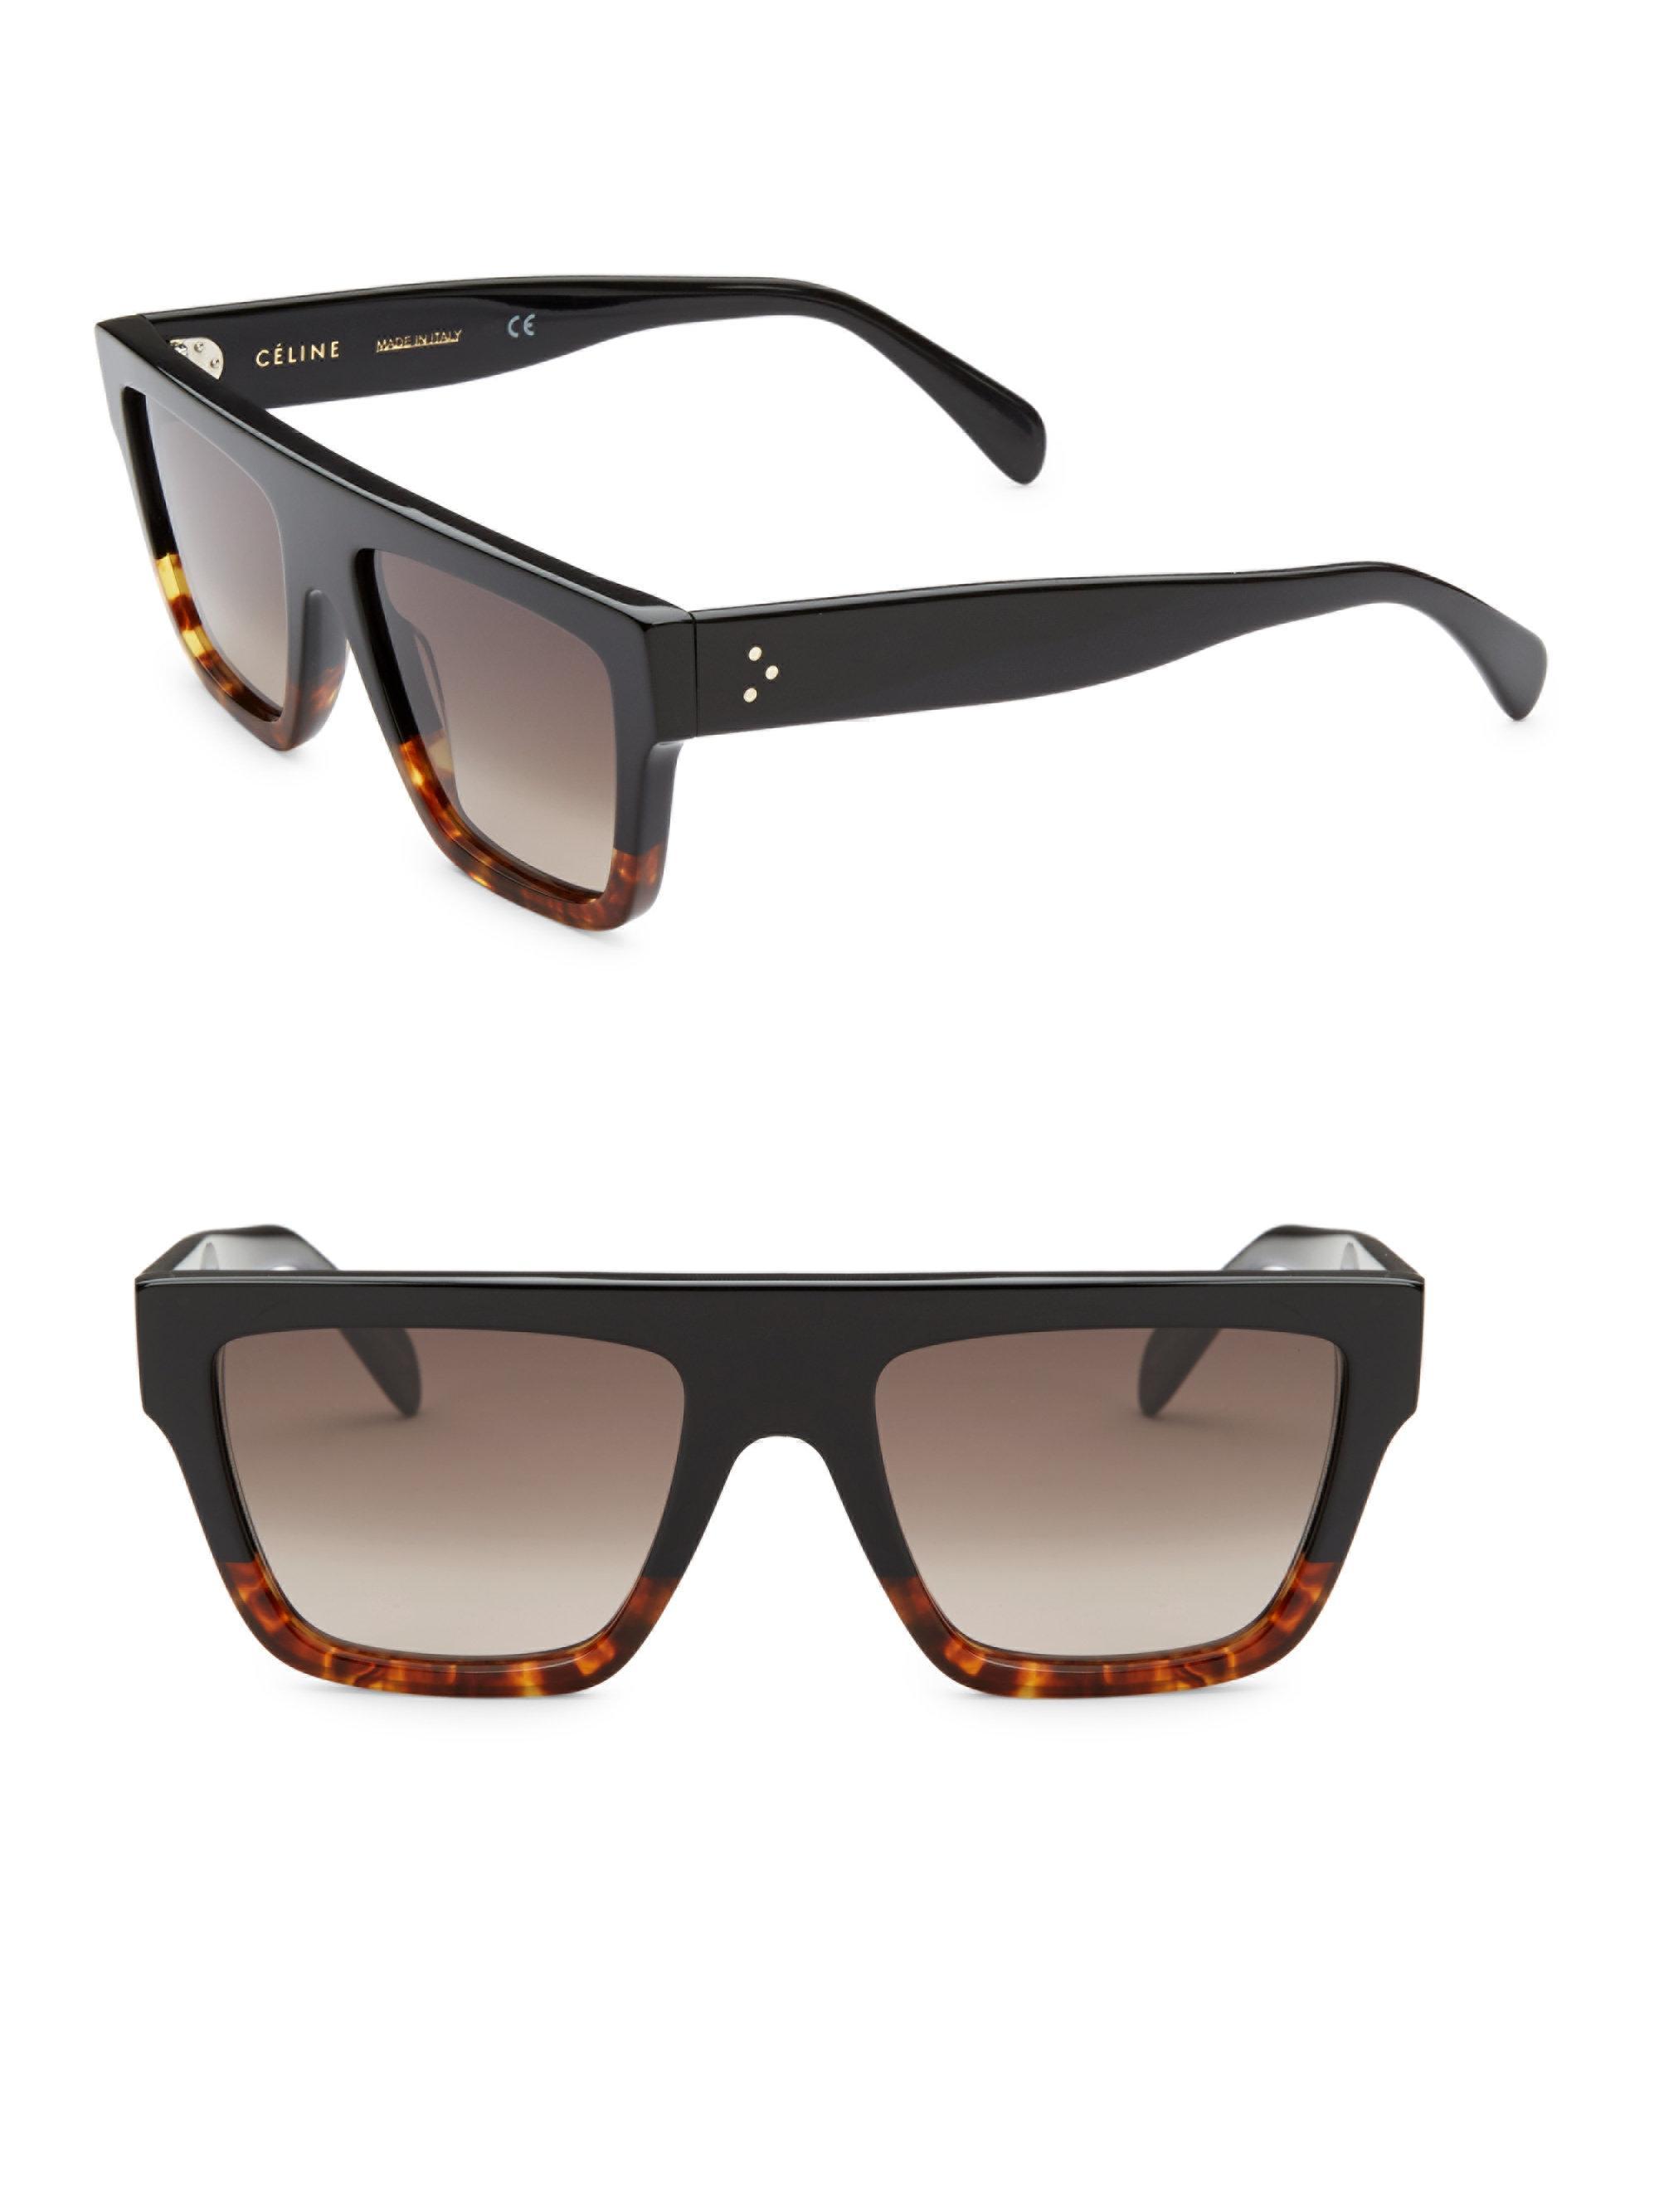 cfd771556e8 Céline - Women s 50mm Rectangular Sunglasses - Black - Lyst. View fullscreen